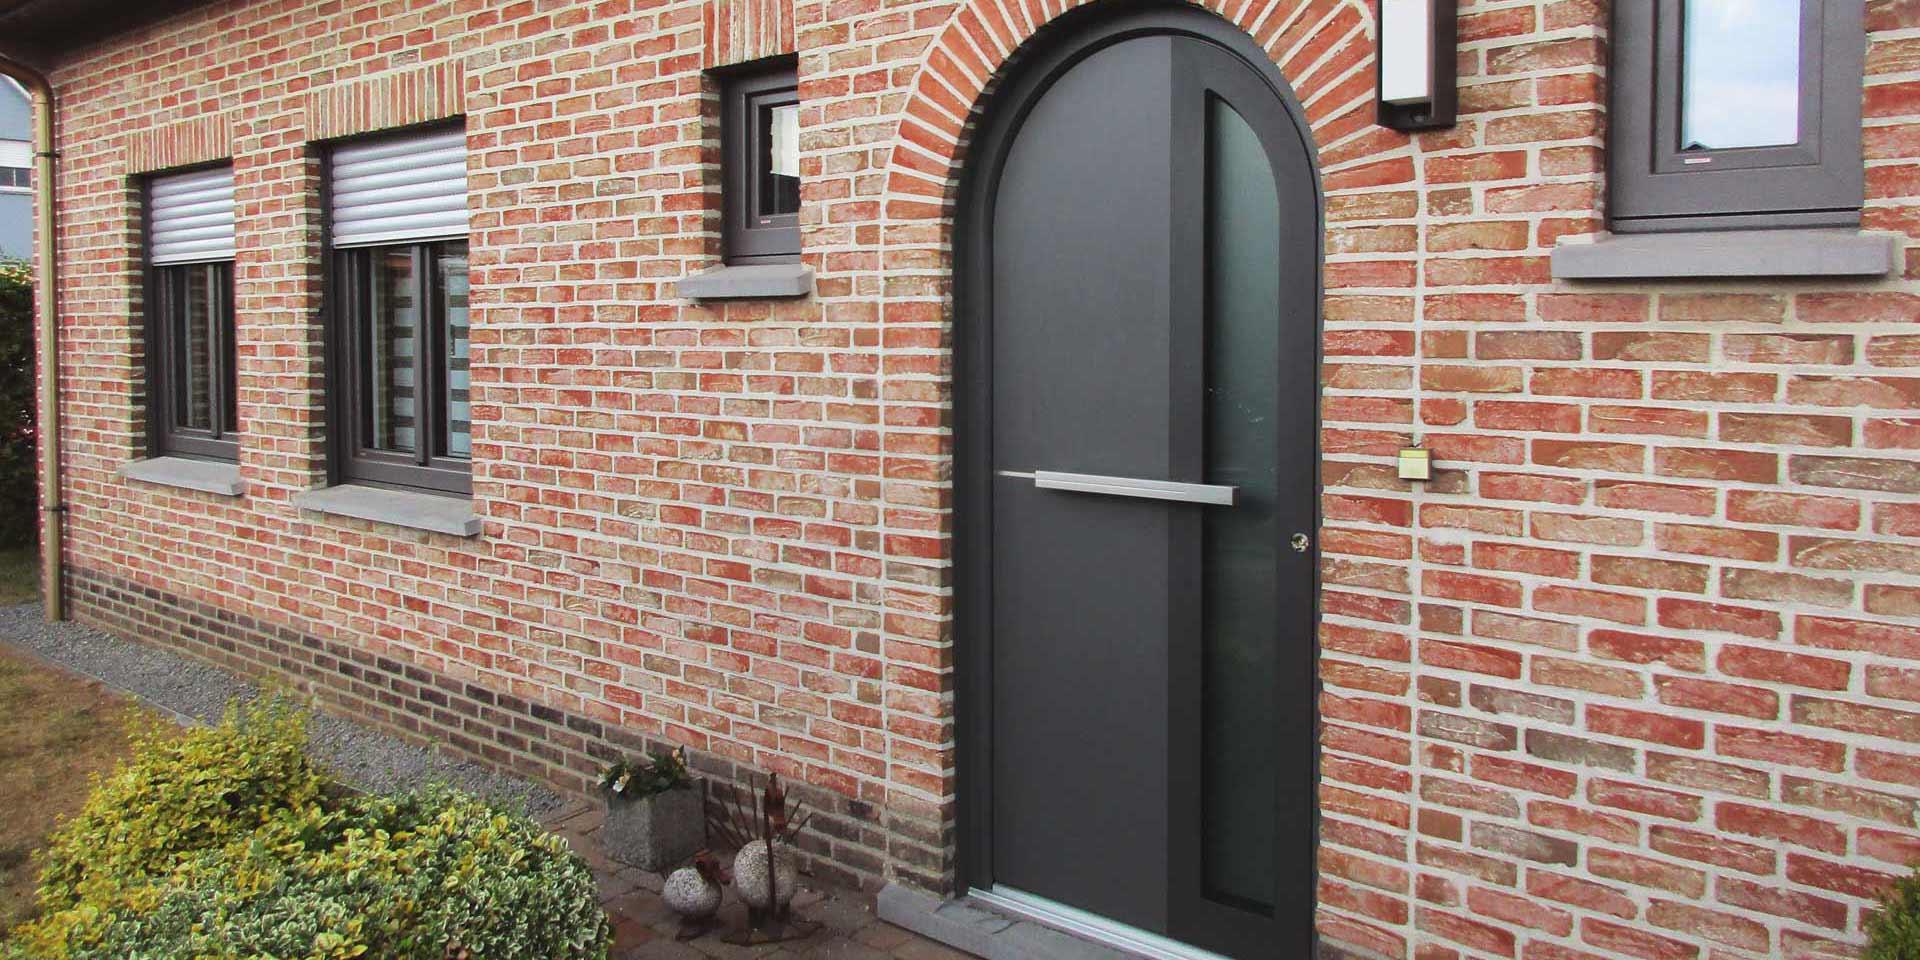 Nahaufnahme des Eingangsbereichs eines Einfamilienhauses mit Steinfassade mit einer modernen grauen Coplaning Haustür.